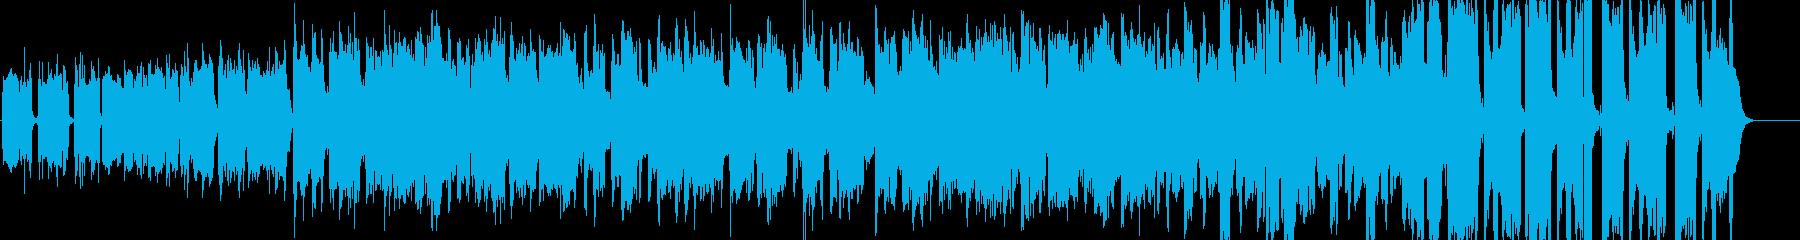 ケルト風・中世ファンタジーの町村用BGMの再生済みの波形